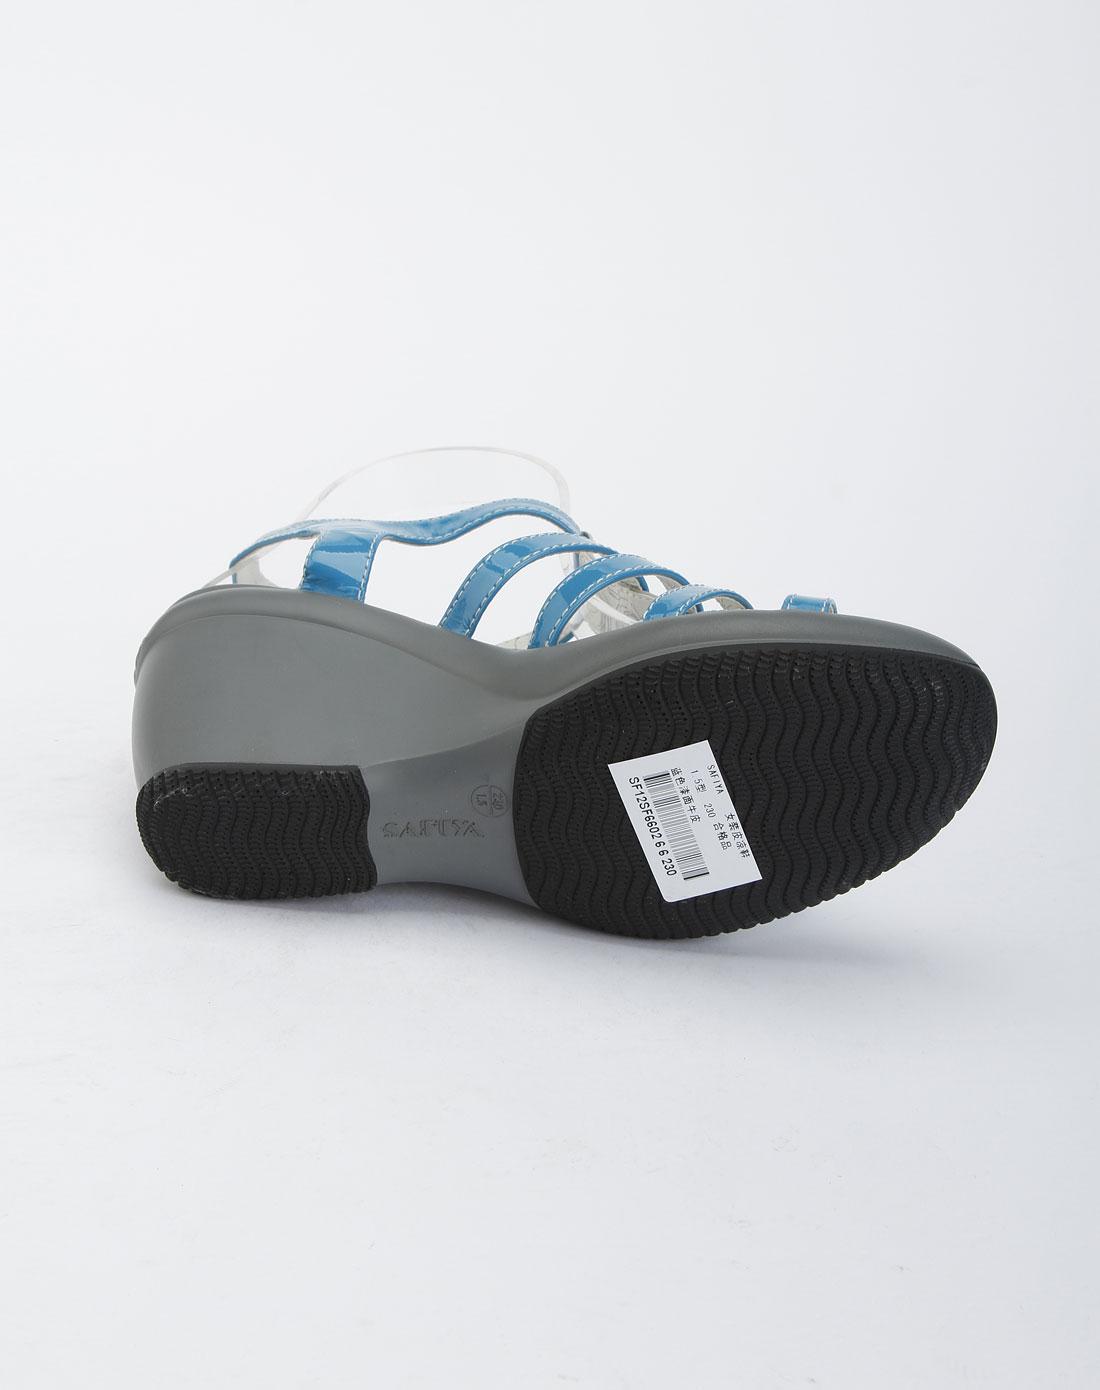 索菲娅safiya蓝色时尚坡跟凉鞋sf12sf660266